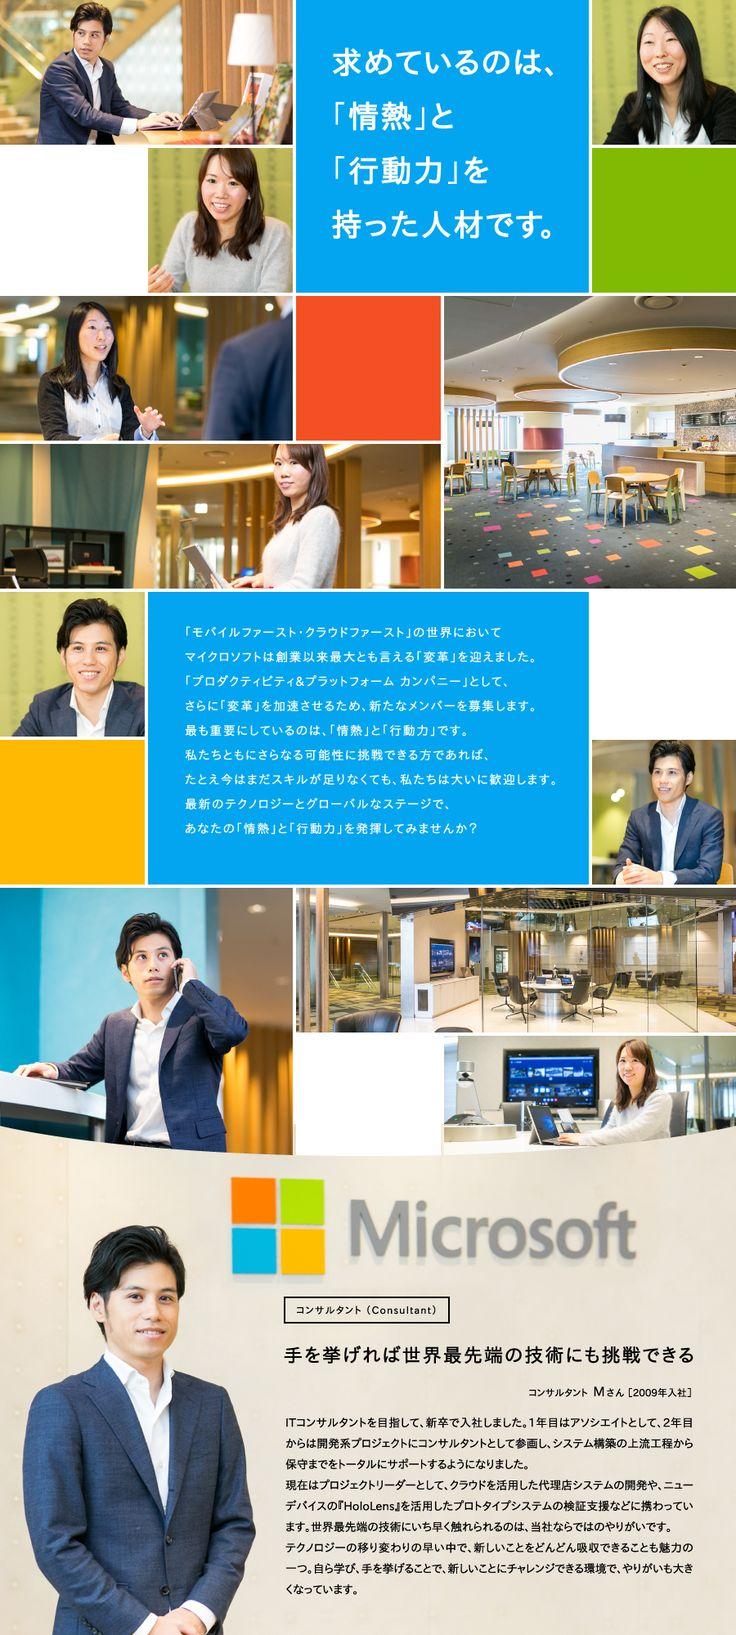 日本マイクロソフト株式会社【Microsoft】/コンサルタント(開発系/ビジネス系/インフラ系)(776455) | マイナビ転職